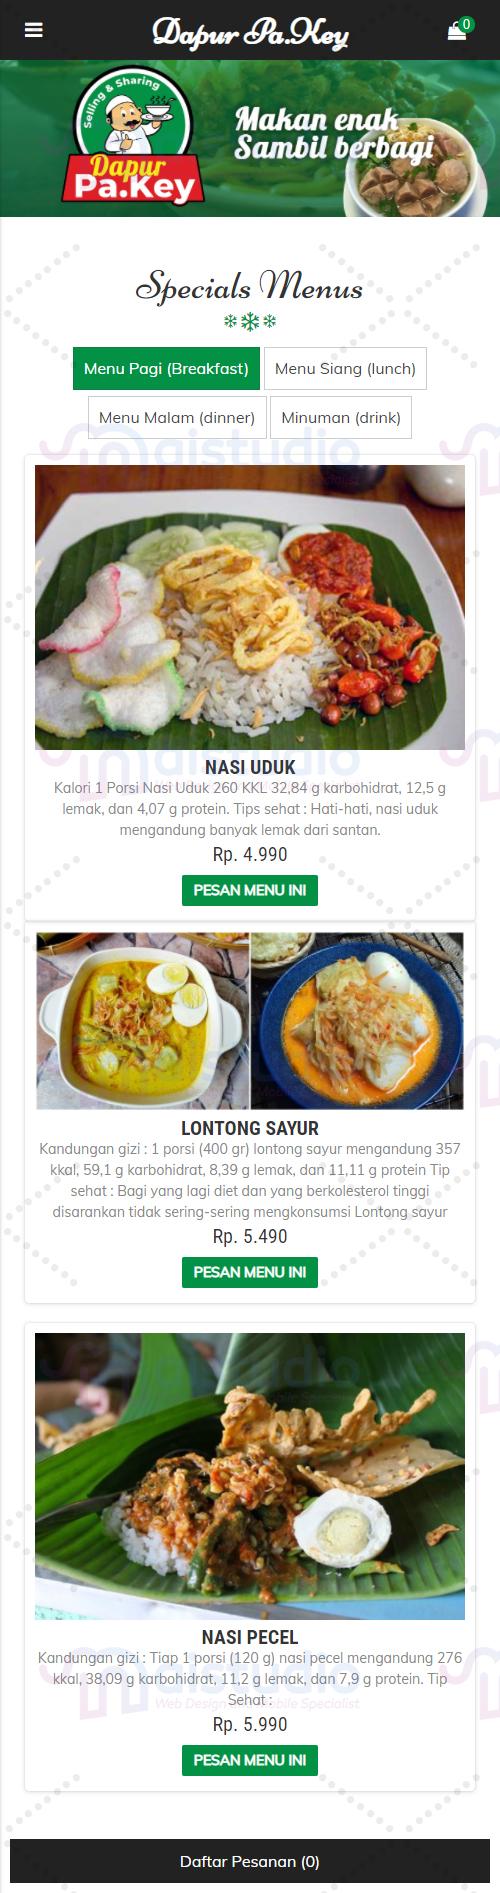 Aplikasi Pemesanan Menu Makanan Dapur Pa.Key